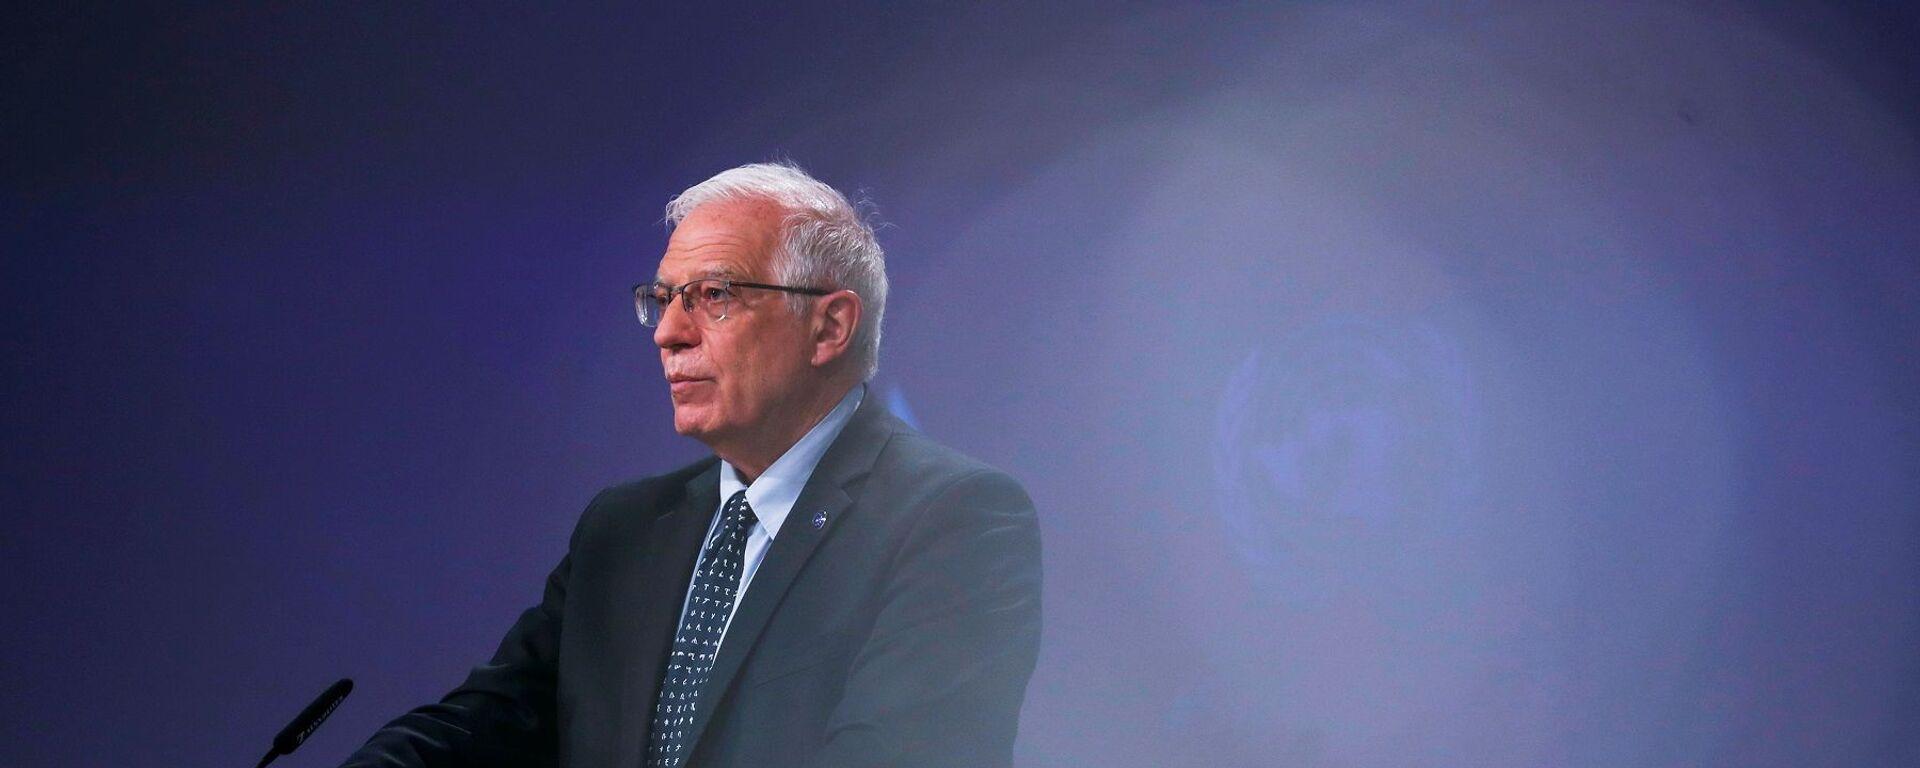 Josep Borrell - Sputnik Türkiye, 1920, 14.09.2021